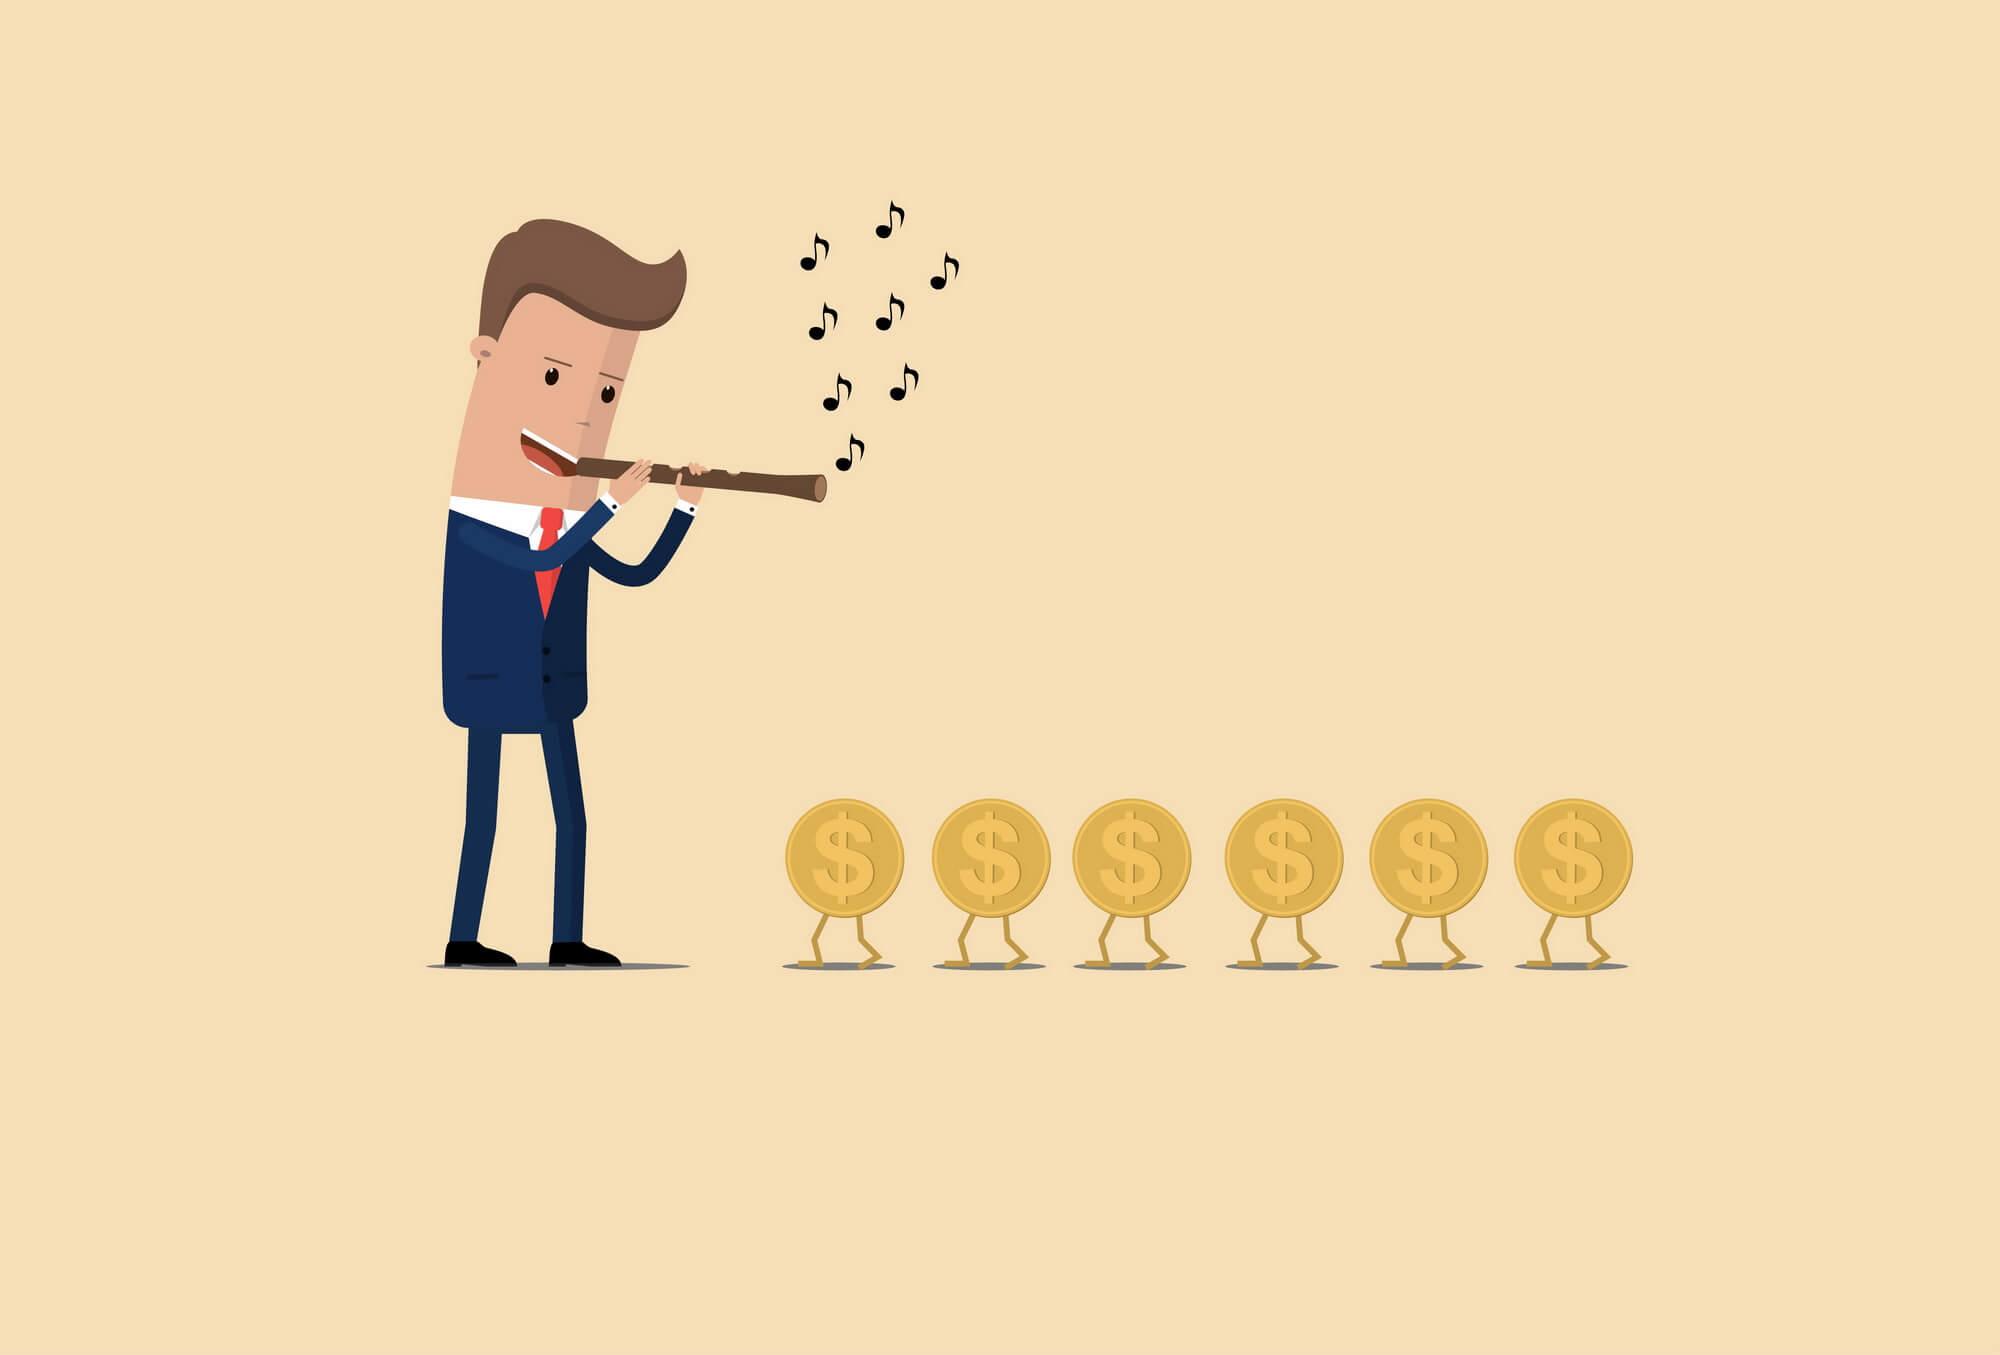 отп банк оплата кредита онлайн по номеру договора с карты другого банка без комиссии